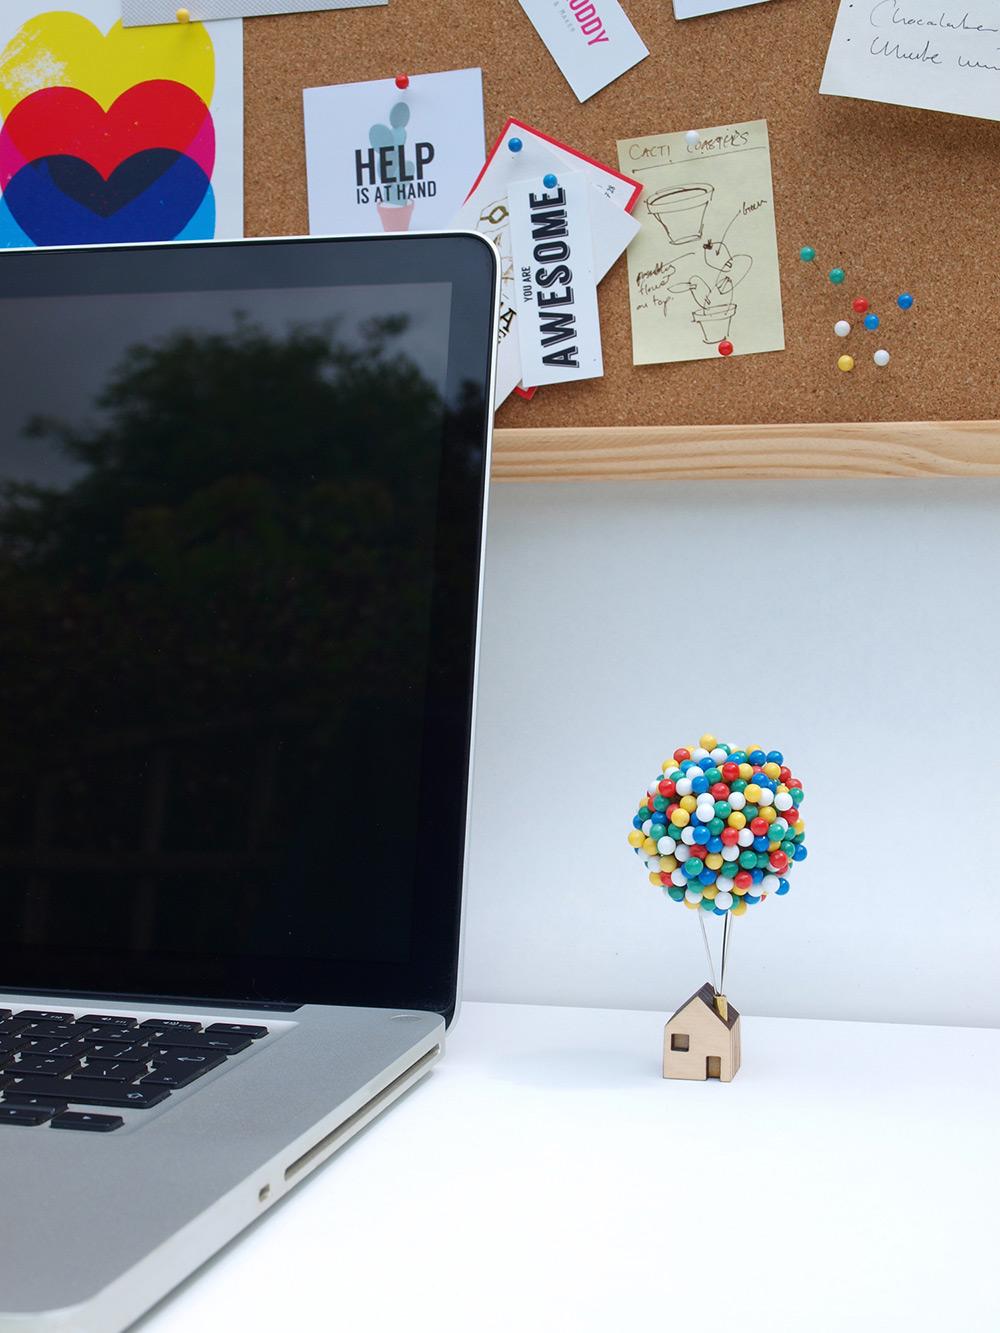 Цветные канцелярские кнопки: весёлая организация хранения от дизайнера Клайва Родди